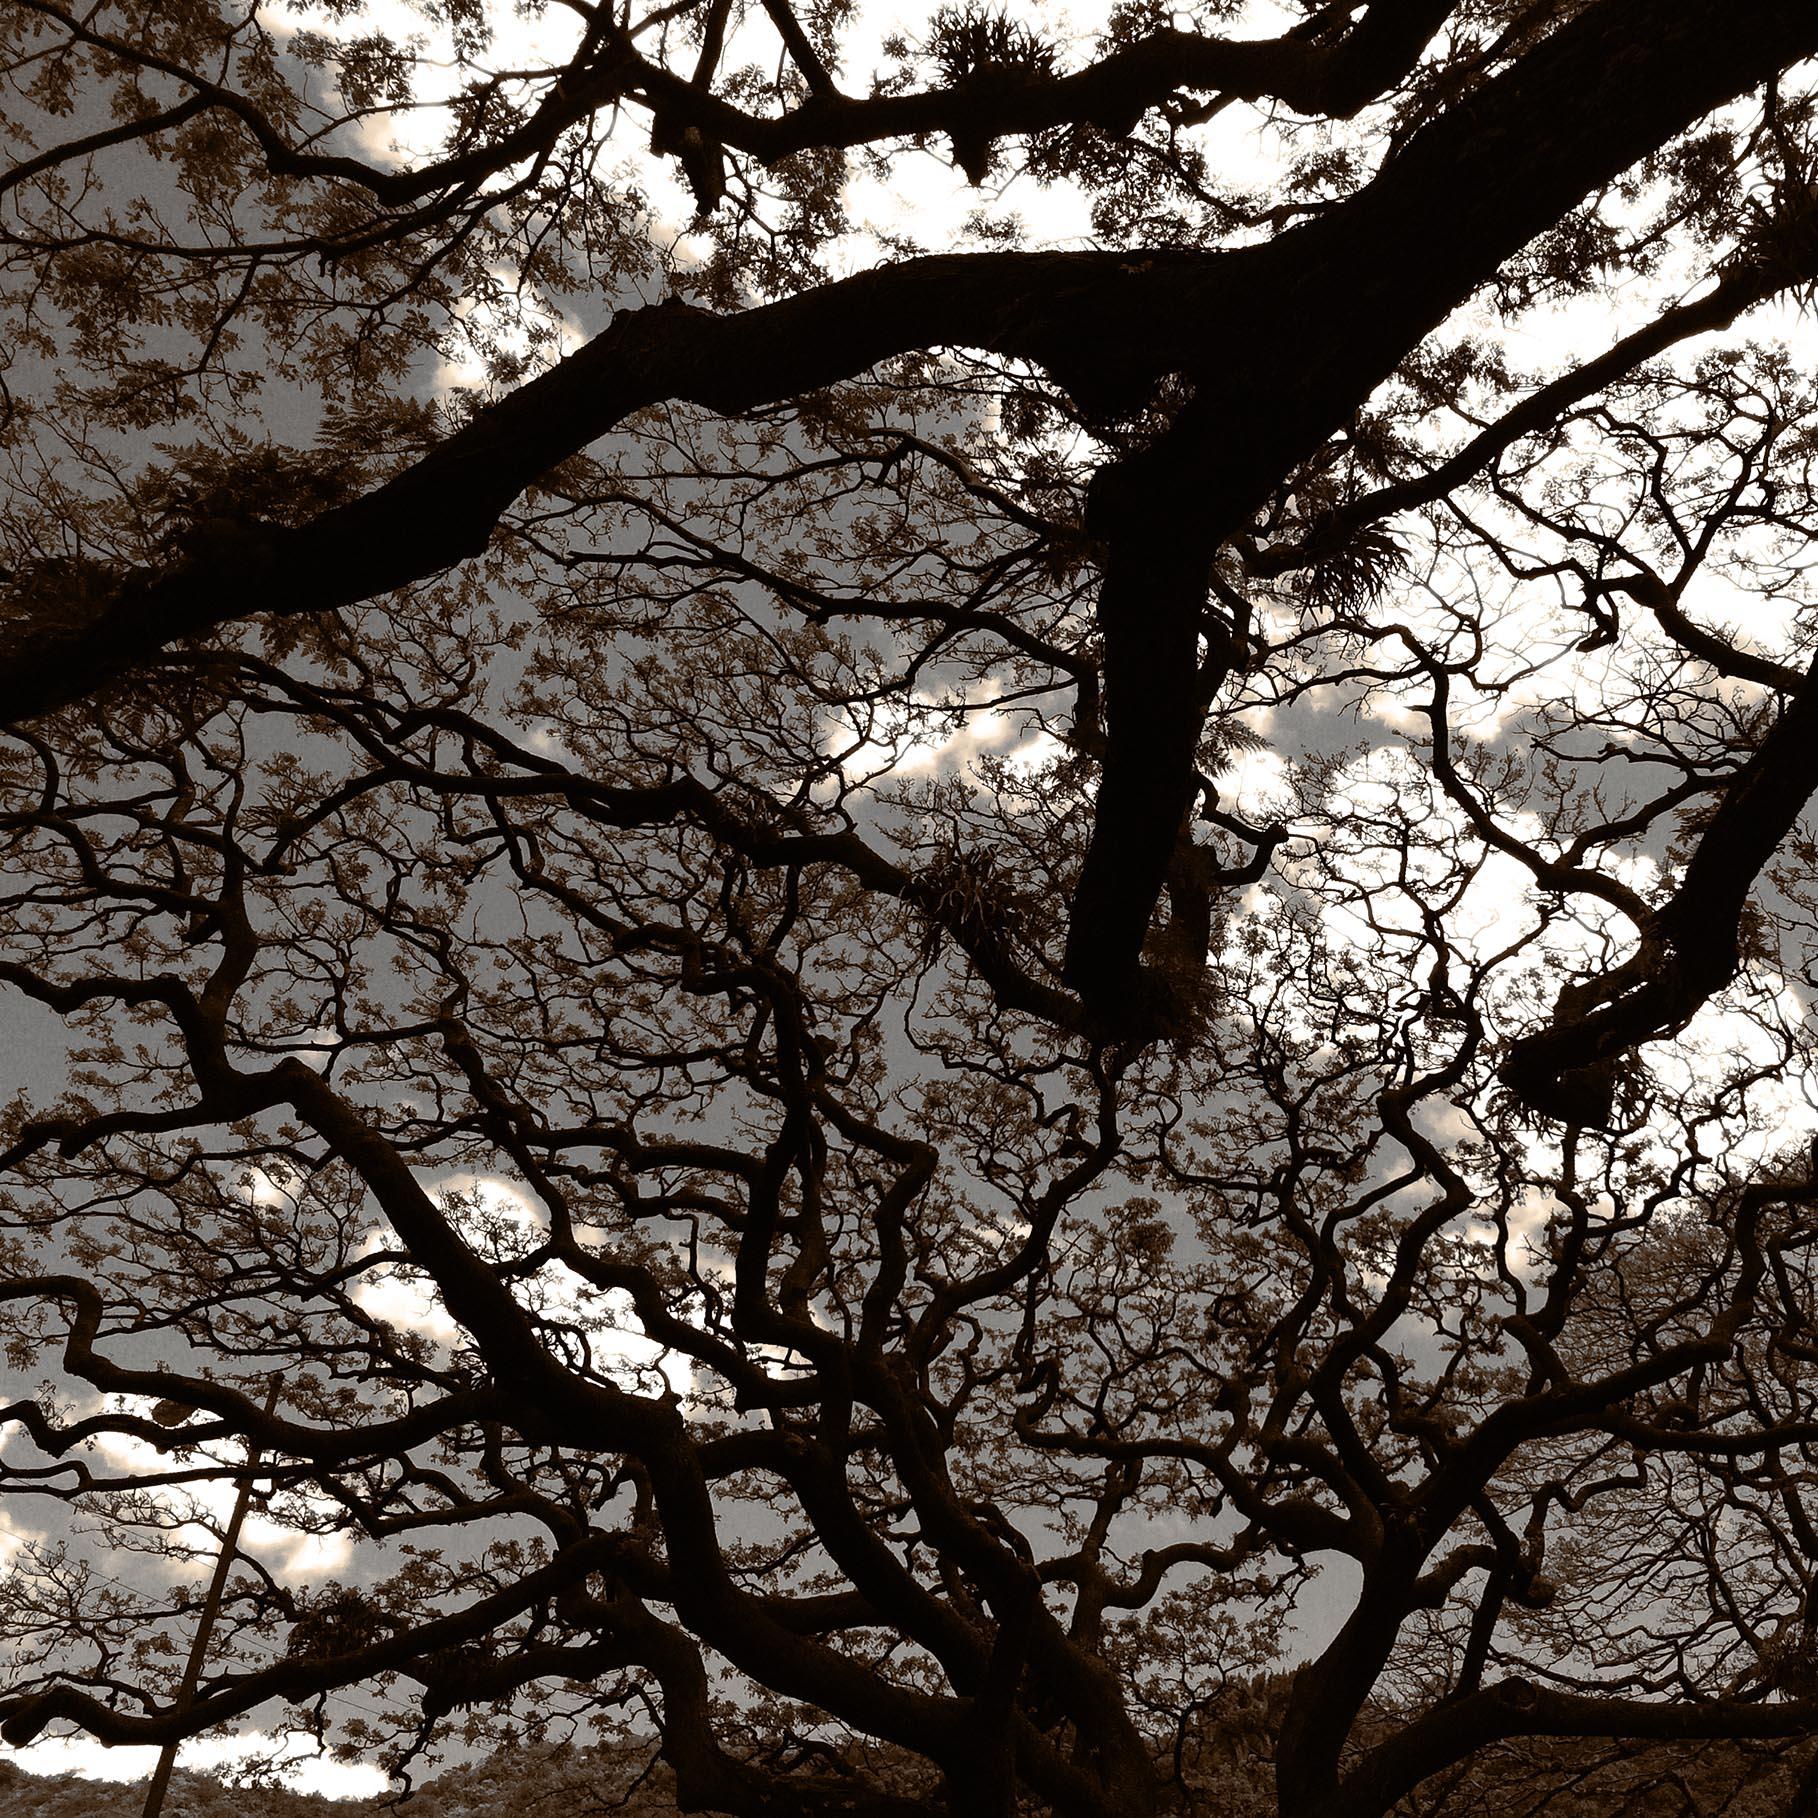 Monkey pod tree in the sky